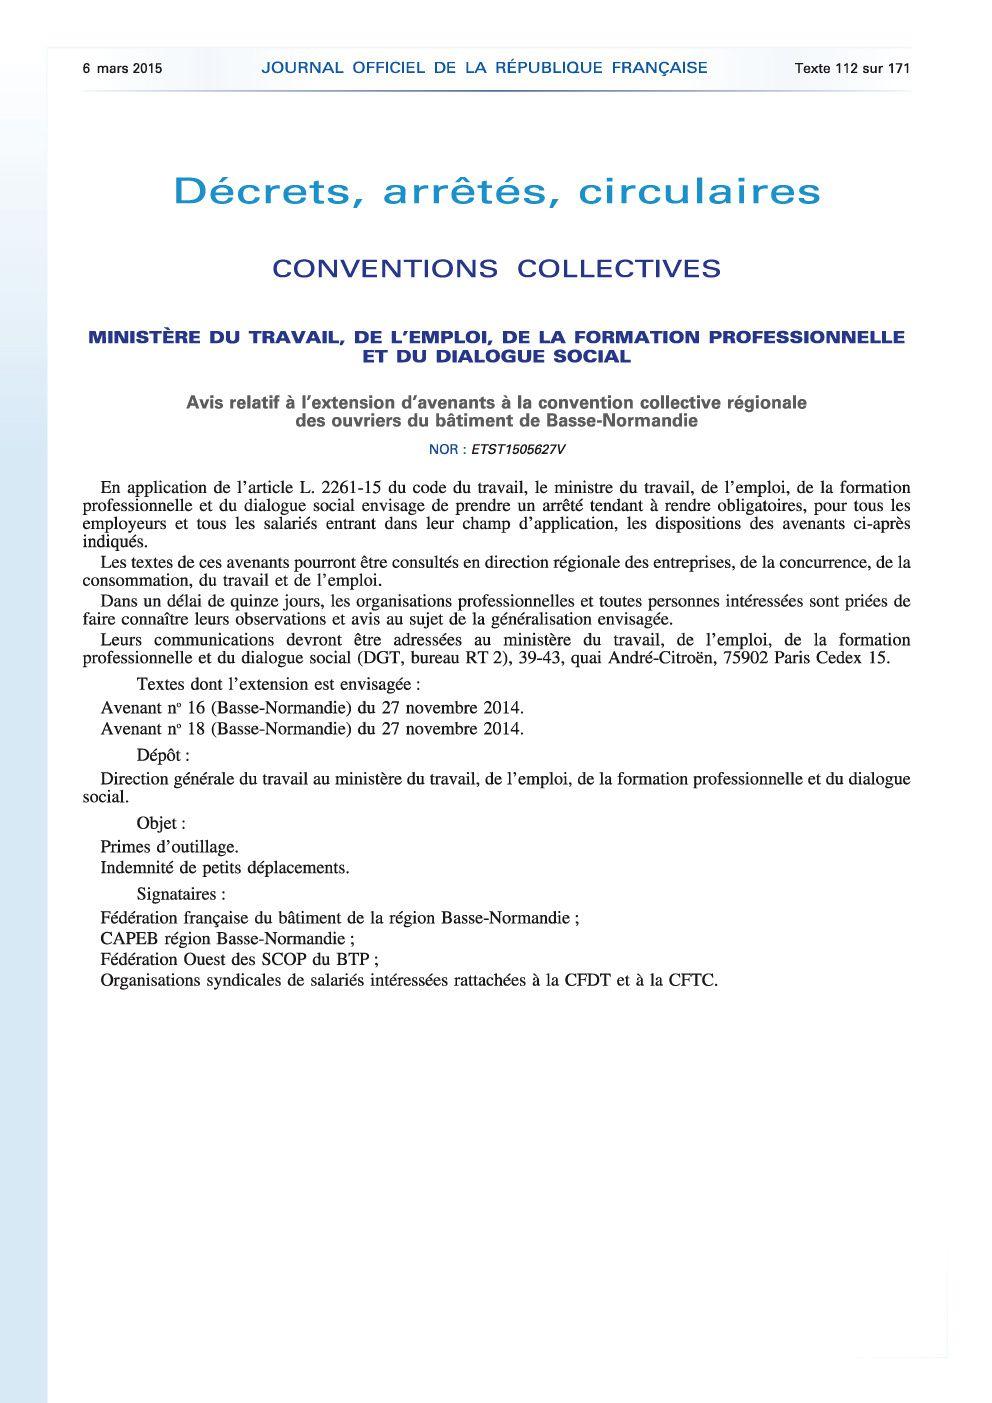 Salaires Ouvriers Basse Normandie Cnc Batiment Cfdt